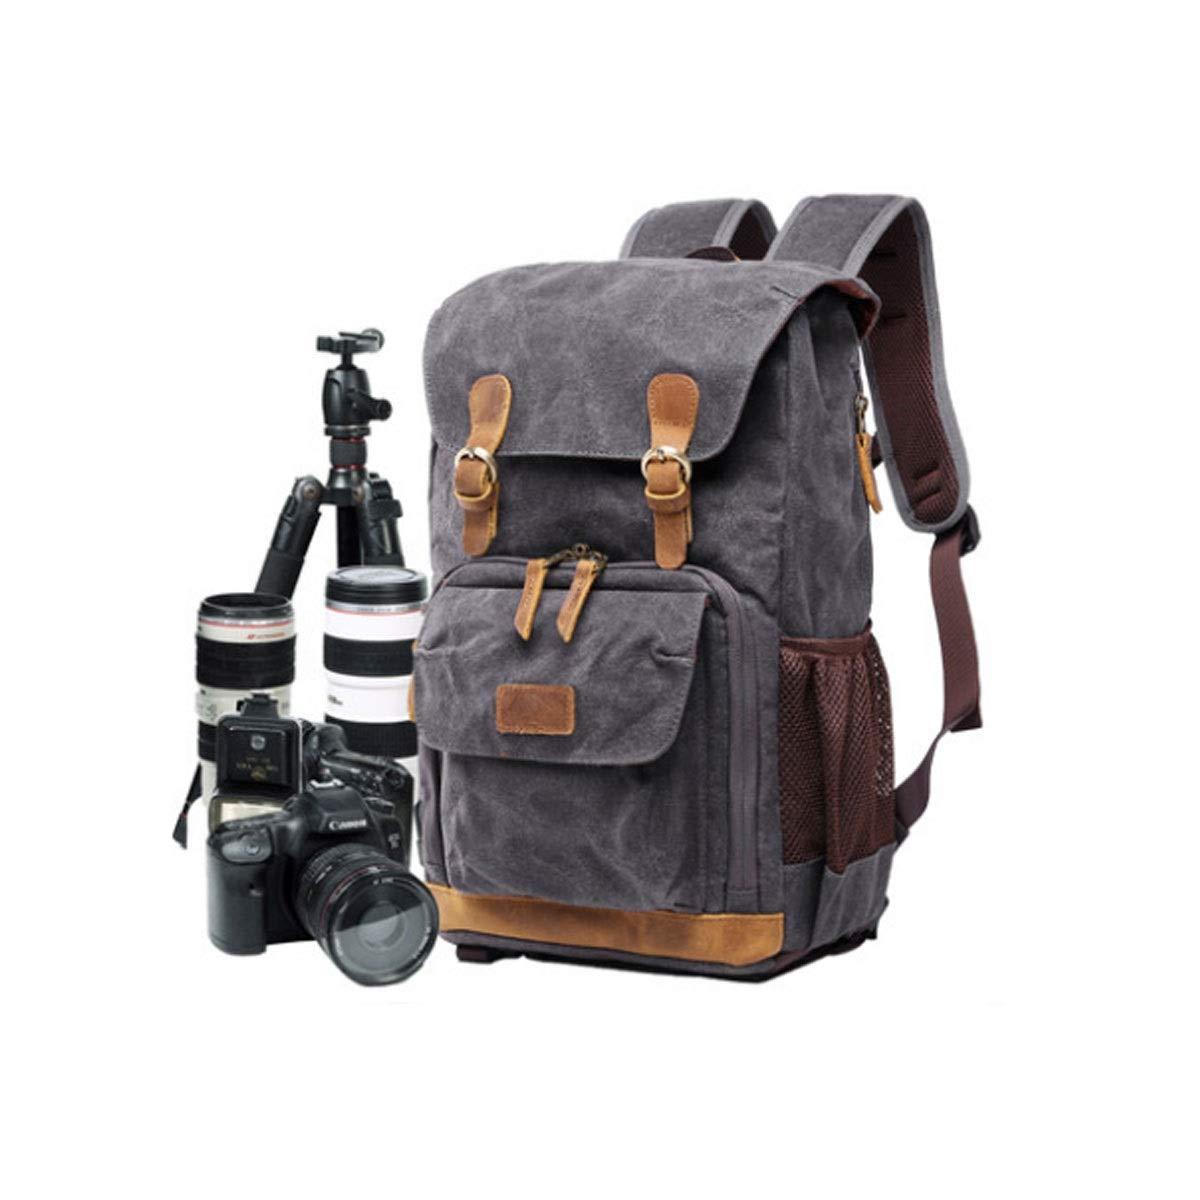 カメラバッグ、カメラコンピュータ、シングル一眼レフカメラバックパックバッグ、アウトドアショルダーワイドショルダーストラップ、使いやすい、ミリタリーグリーン (Color : Dark gray) B07R3JGNMP